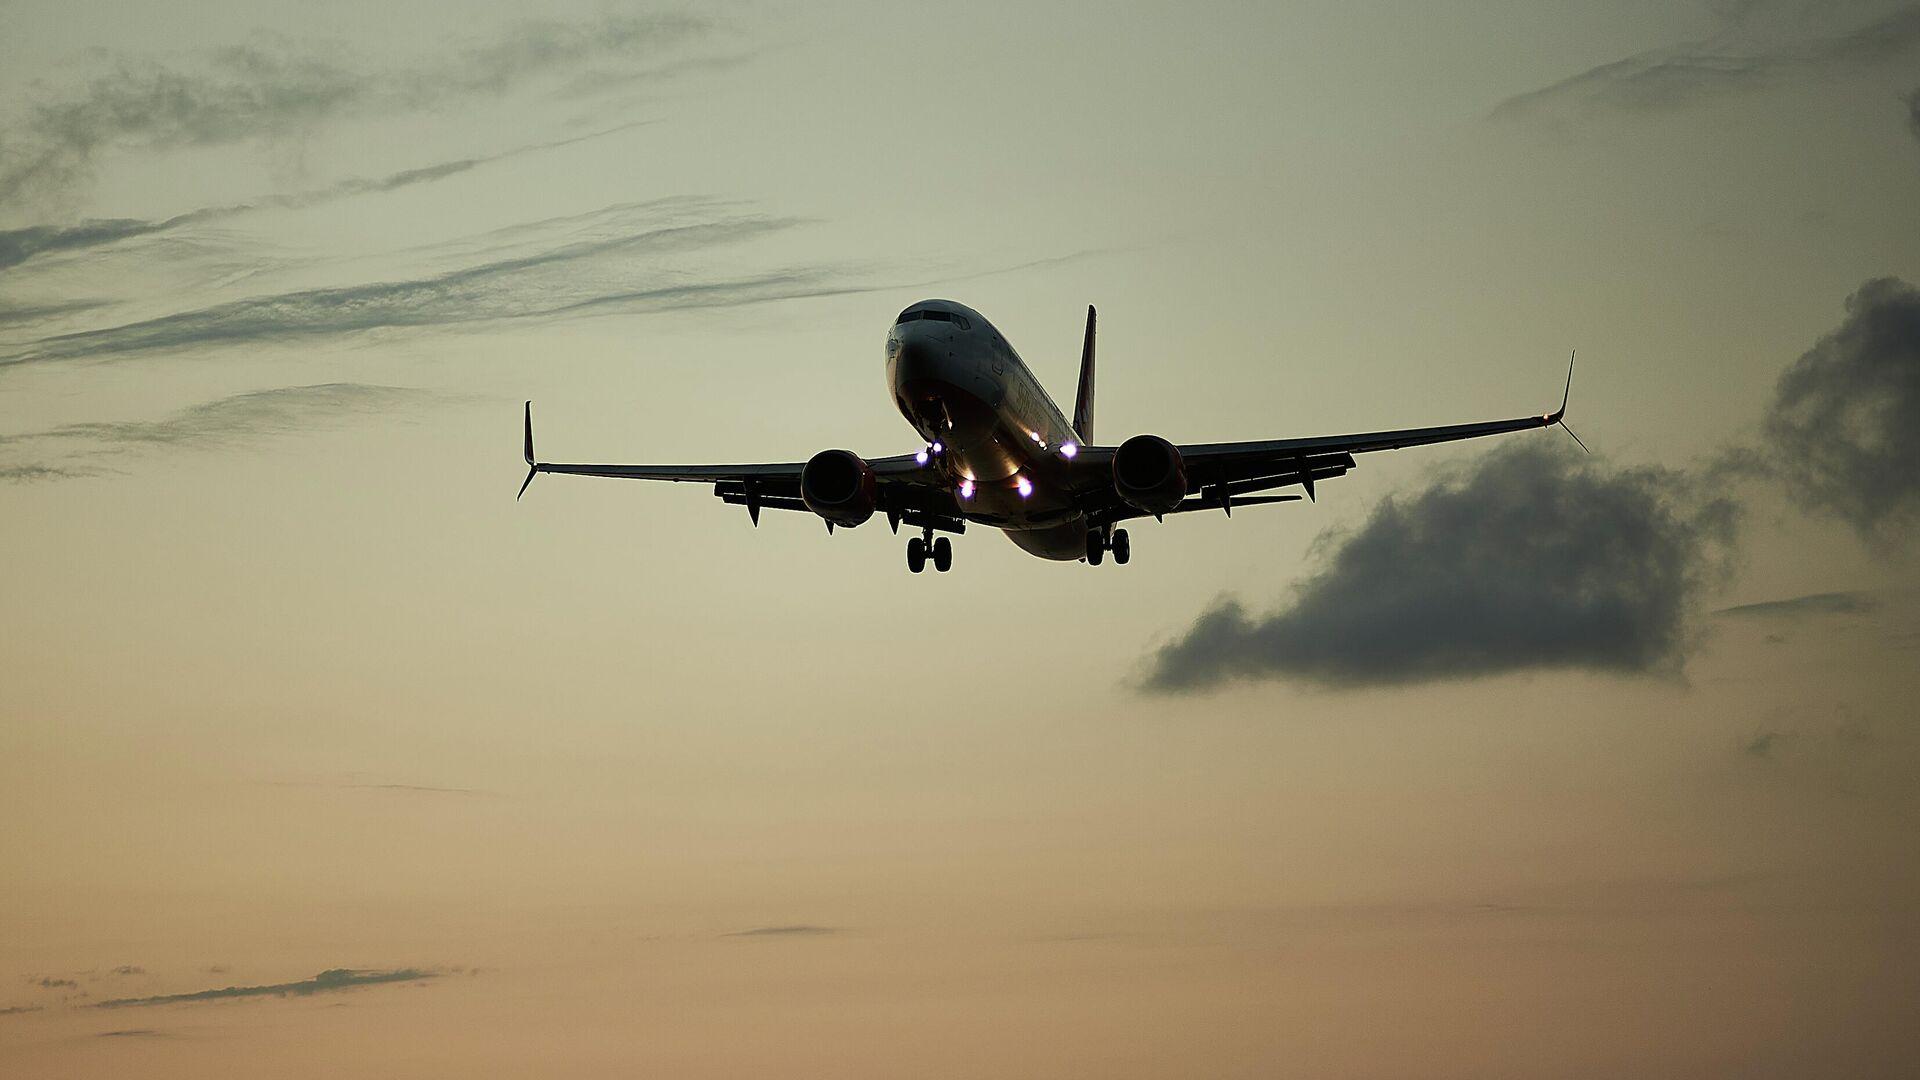 Пассажирский самолет вечером заходит на посадку - Sputnik Грузия, 1920, 02.10.2021